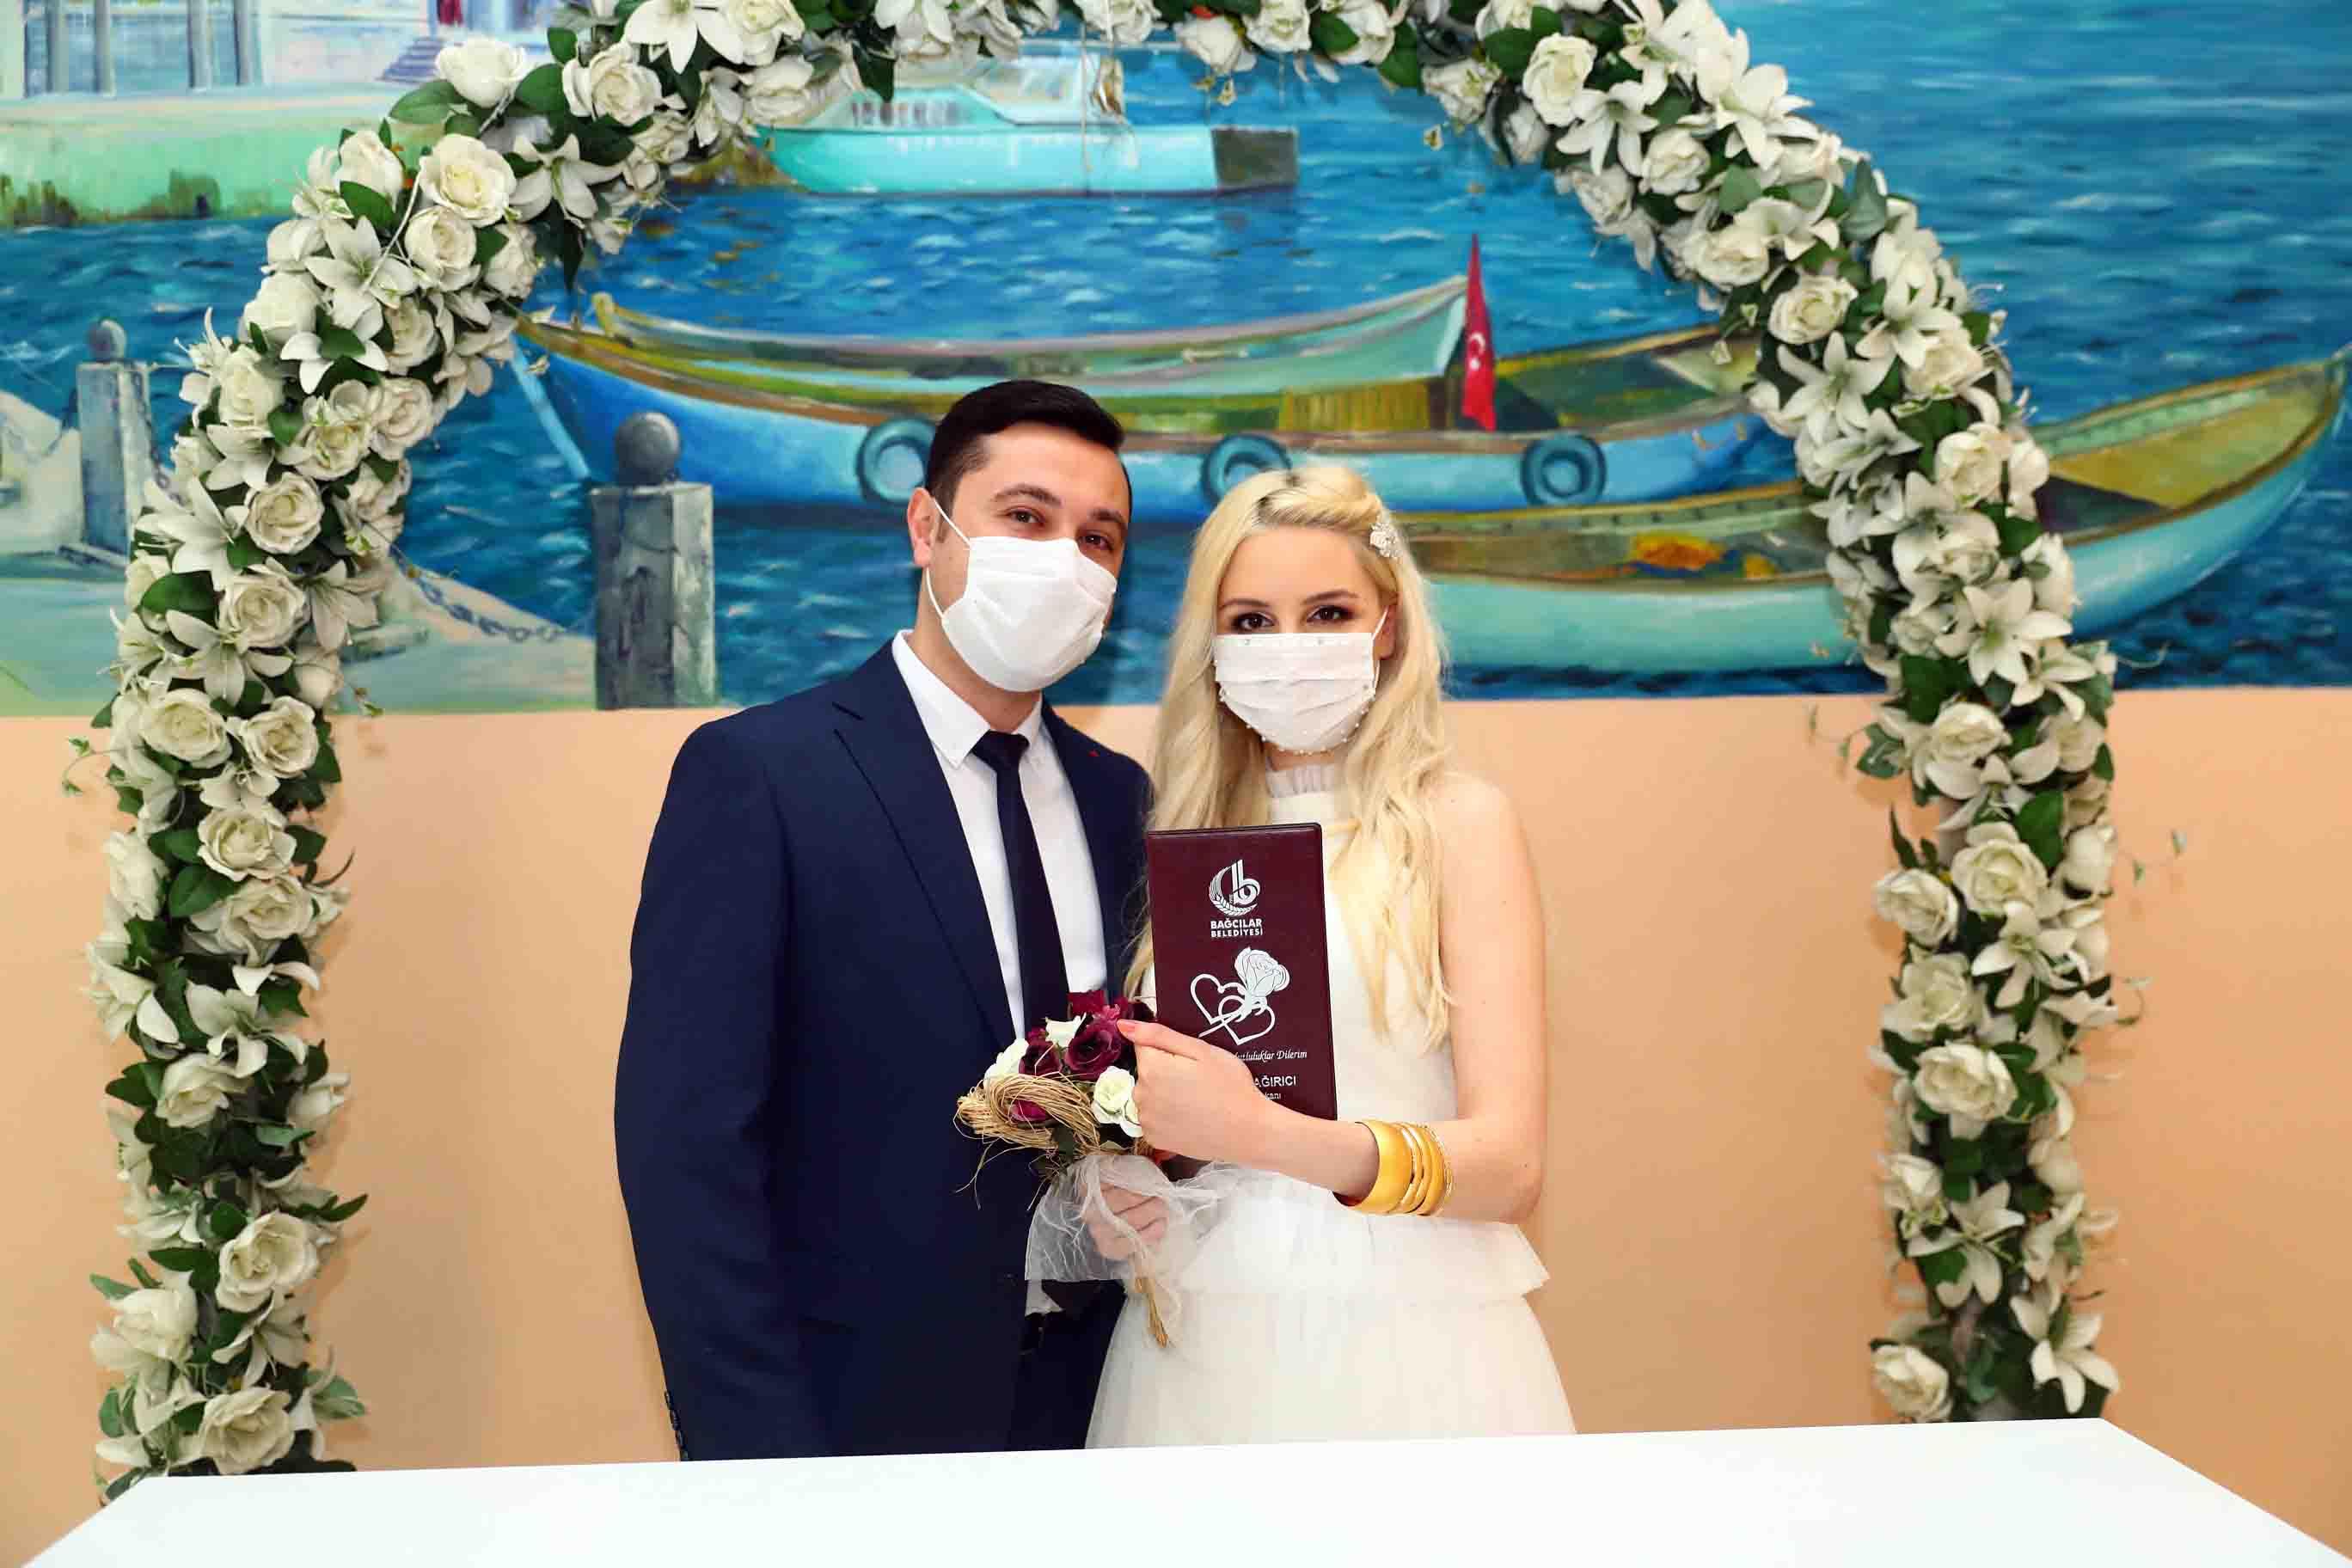 14 ilde kına gecesi ve sünnet düğünü etkinlikleri yasaklandı #2